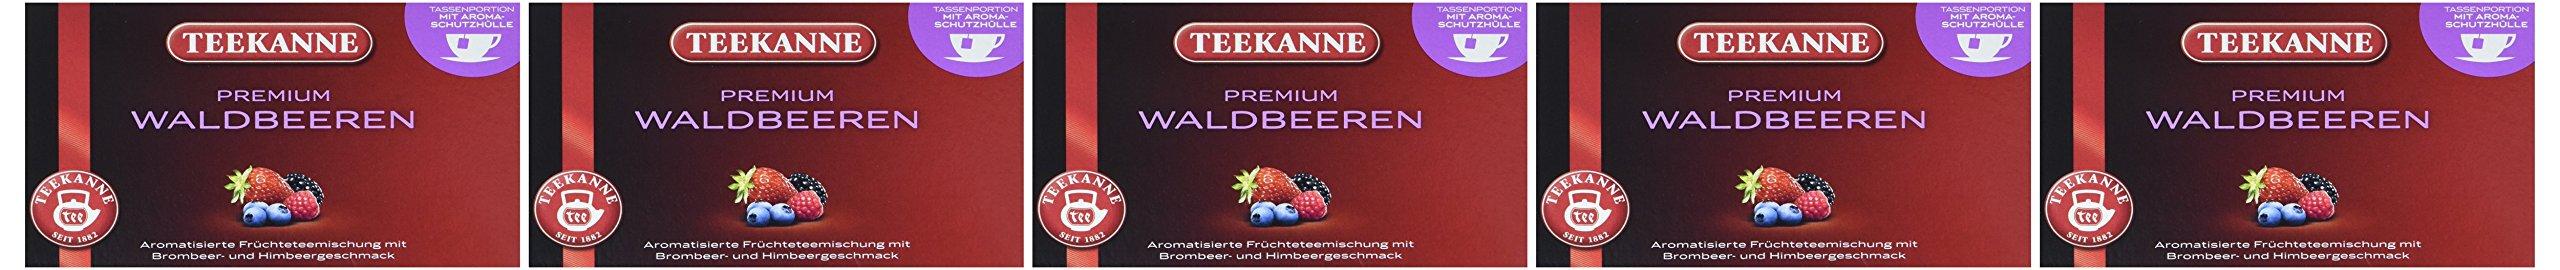 Teekanne-Premium-Waldbeeren-20er-aromaversiegelte-Beutel-5er-Pack-5-x-60-g